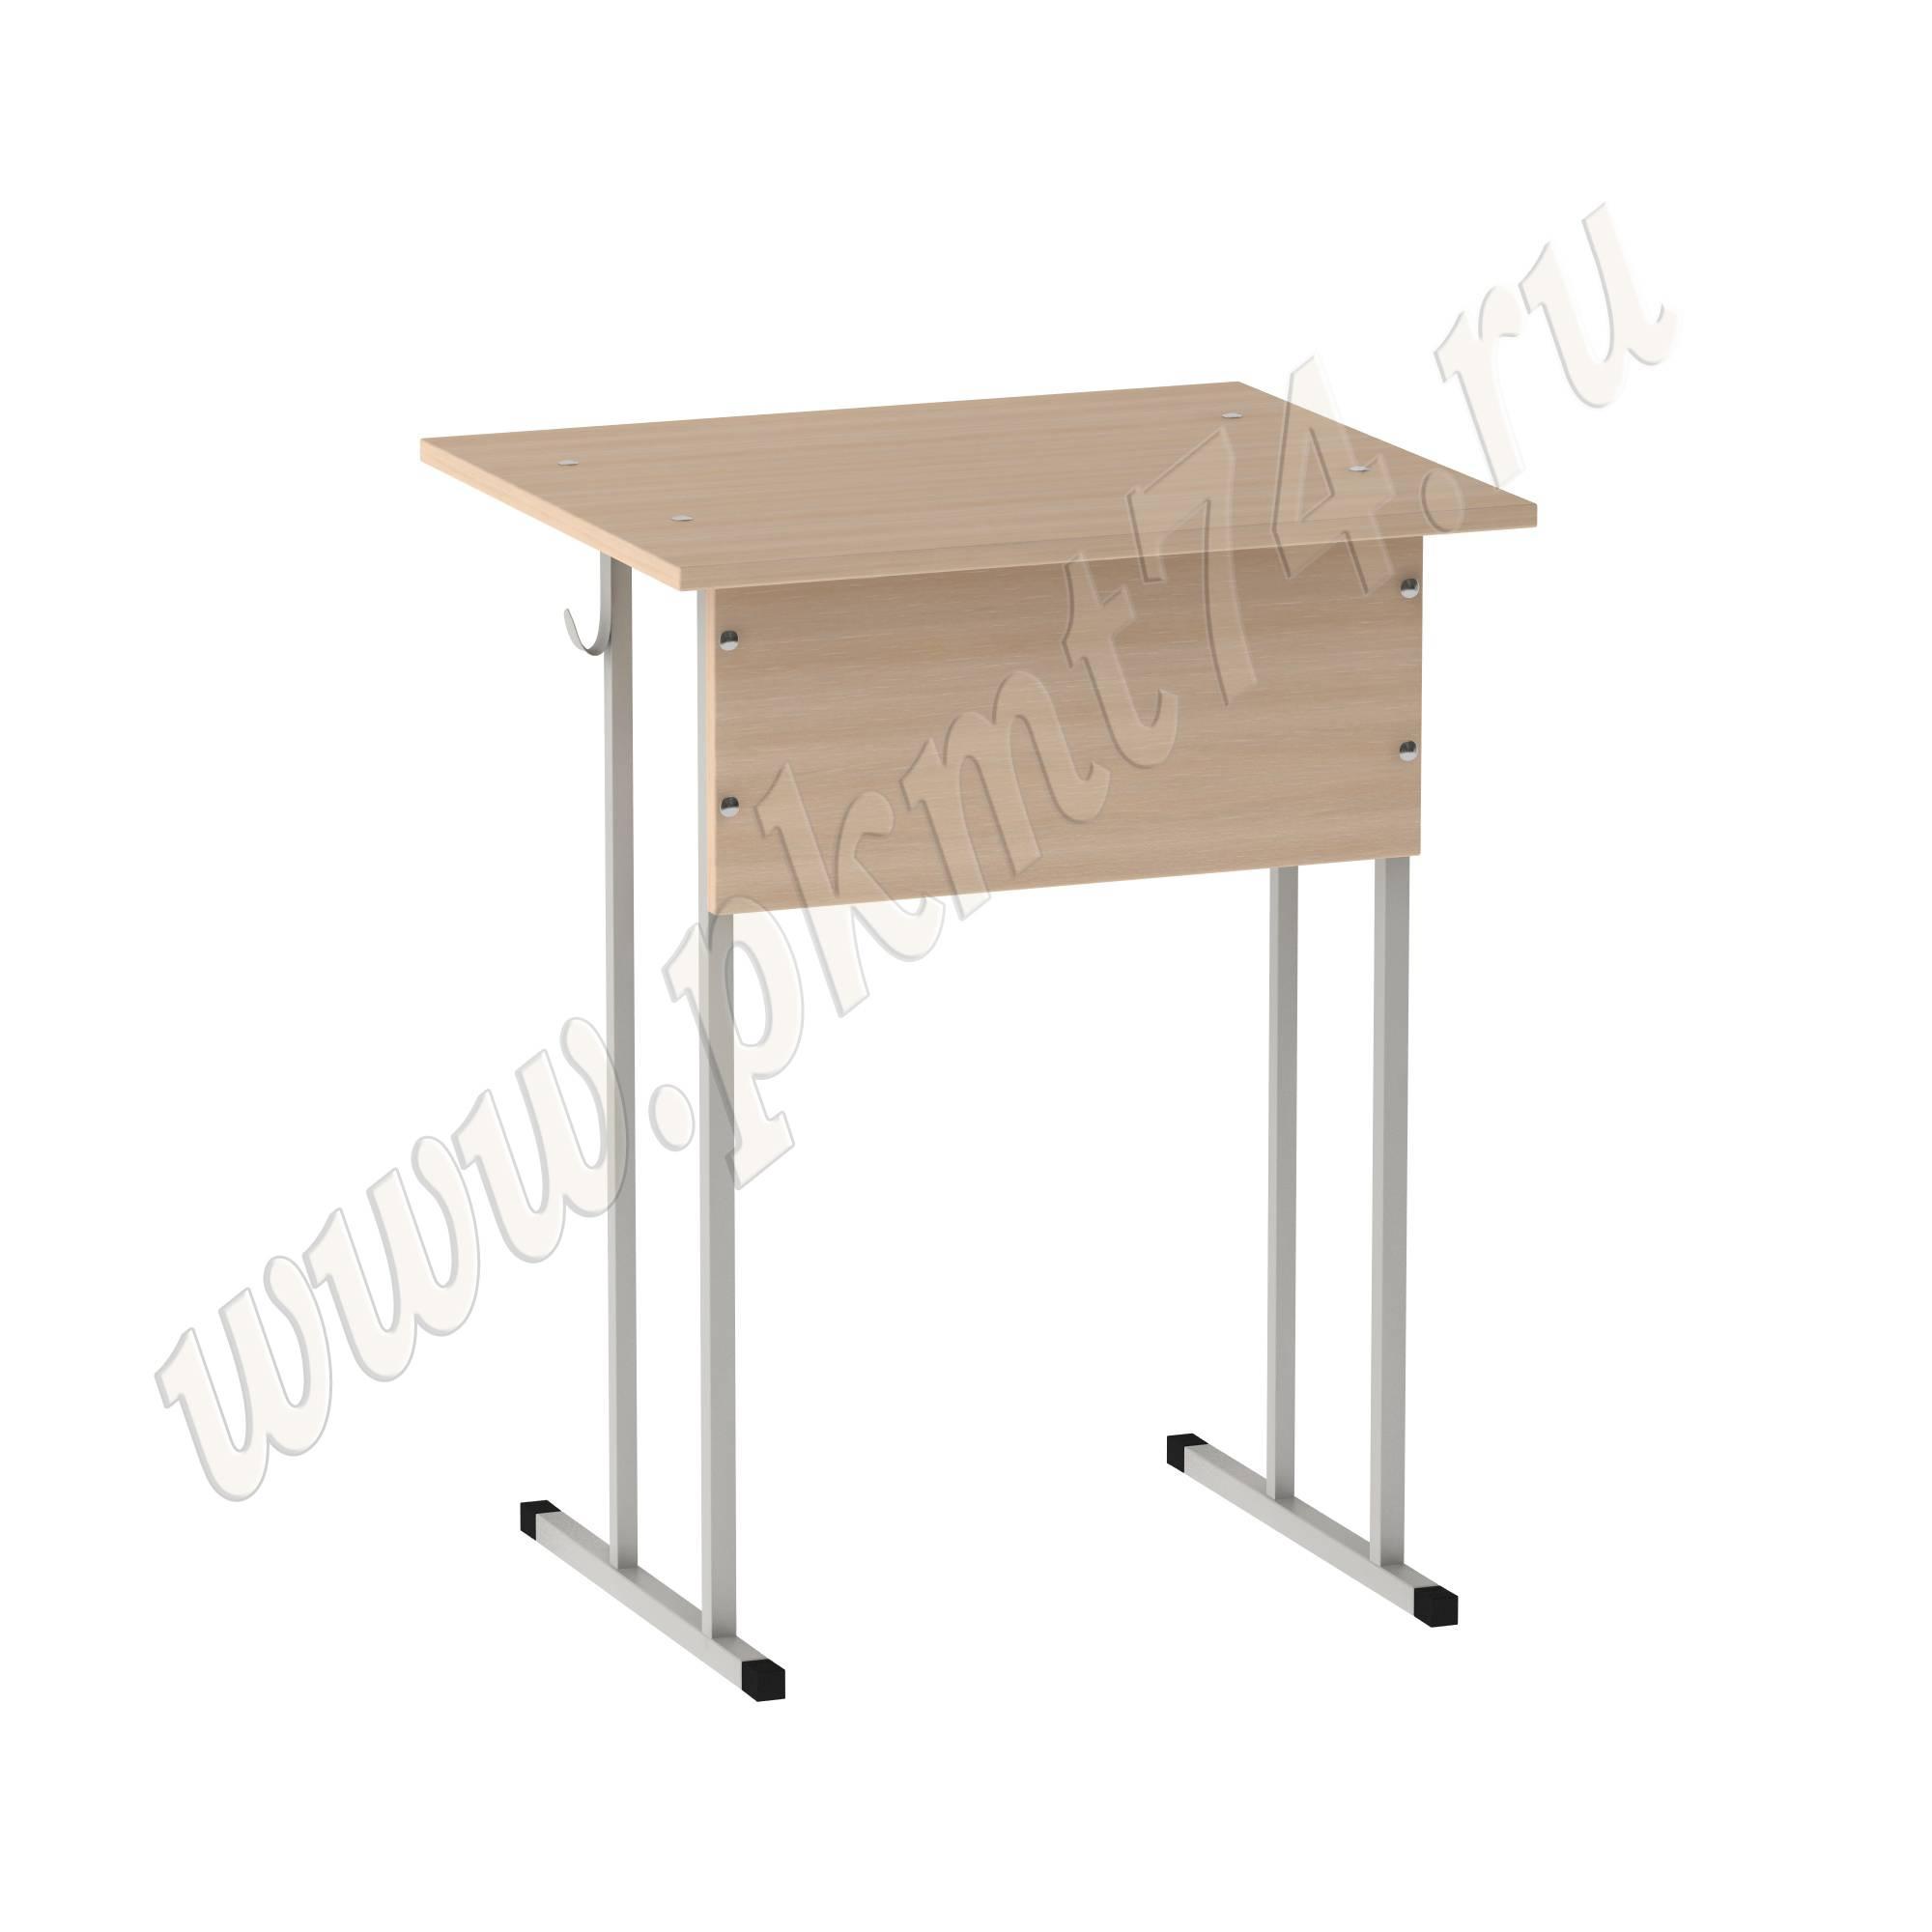 Стол ученический одноместный нерегулируемый [Цвет ЛДСП:: дуб Молочный]